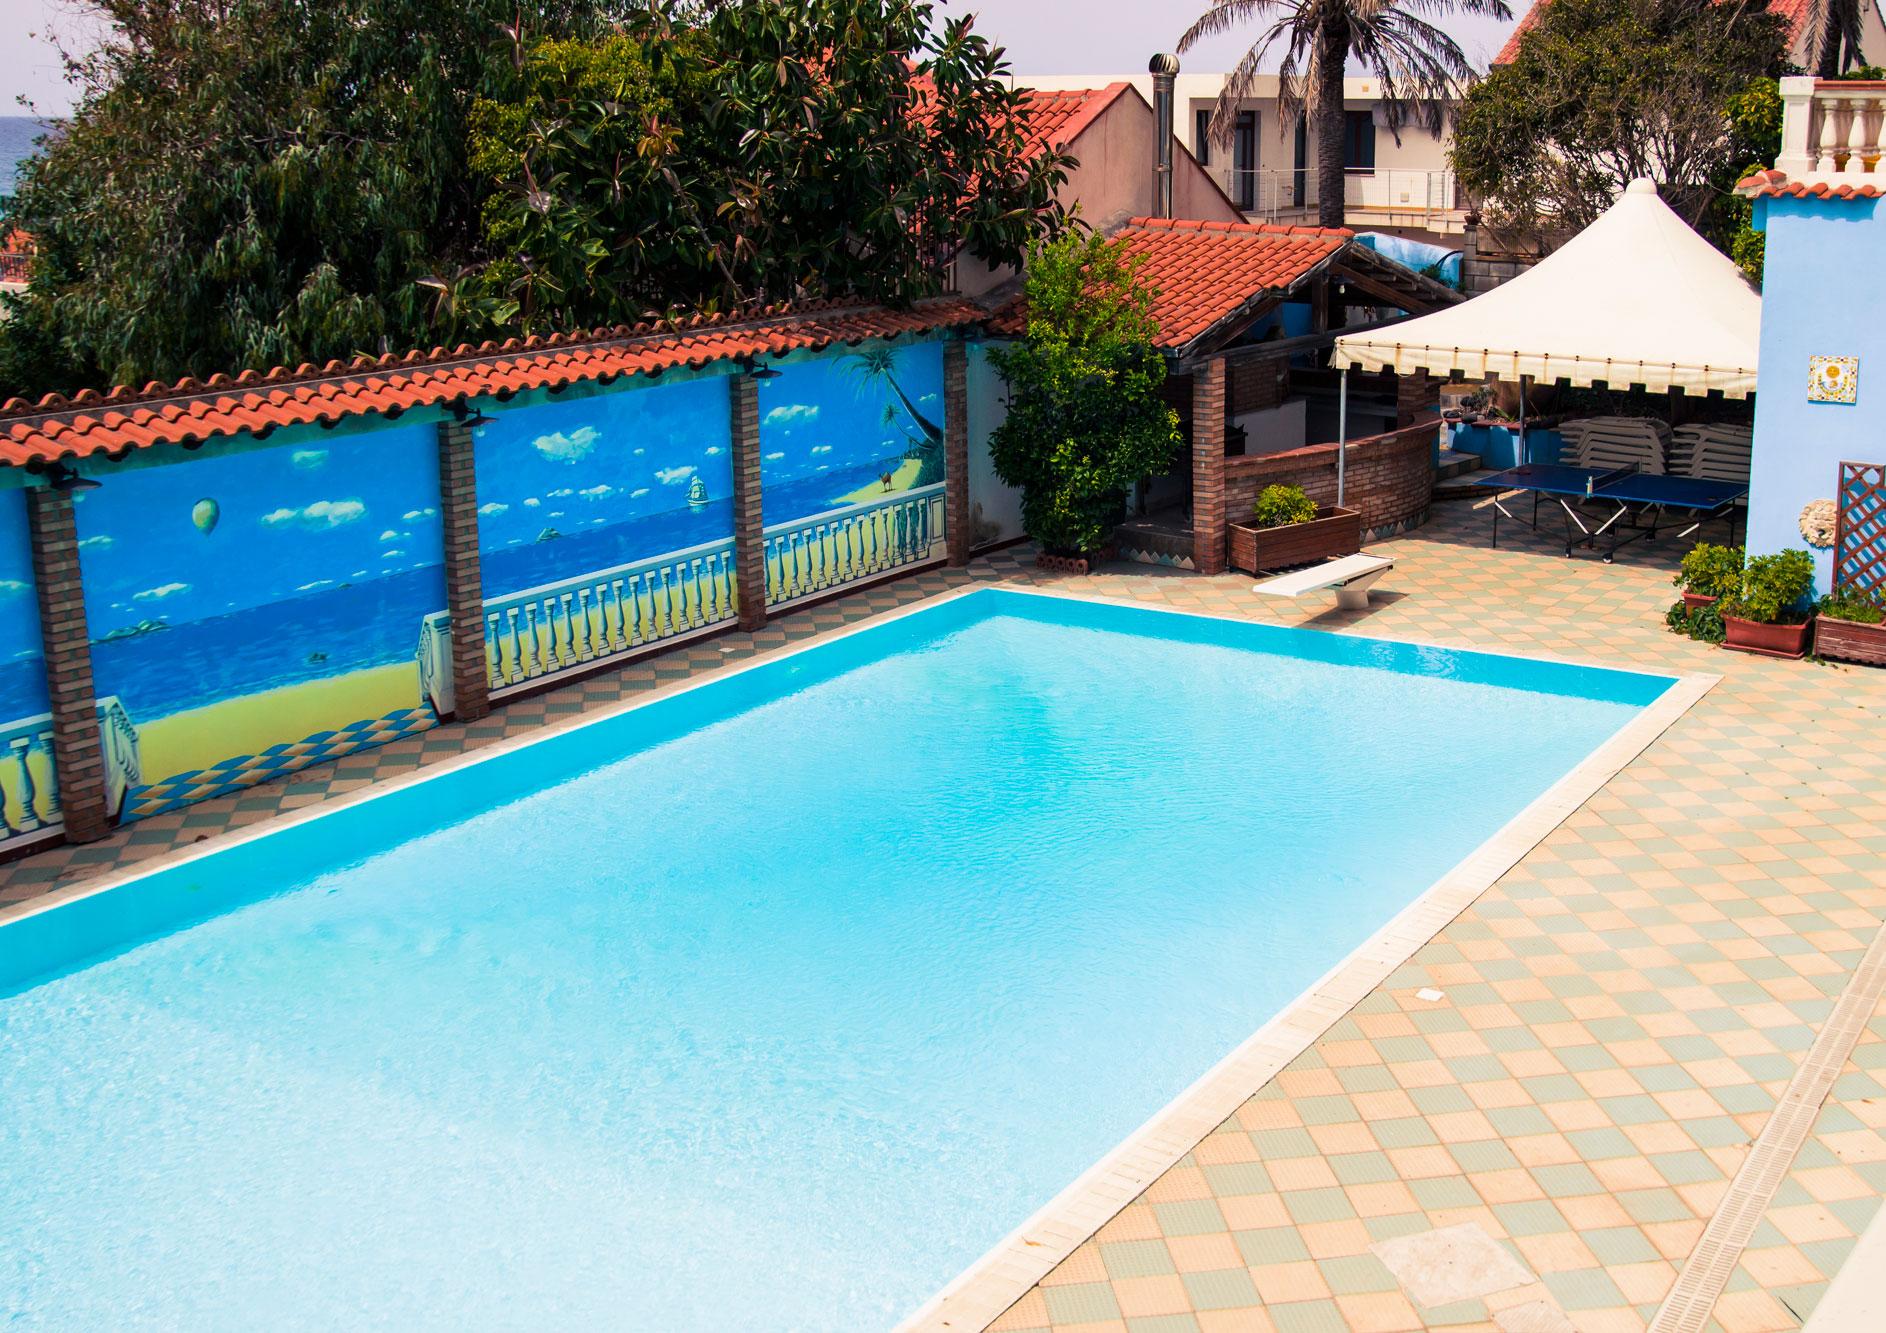 Villaggio oasi azzurra village - Lettini per piscina ...